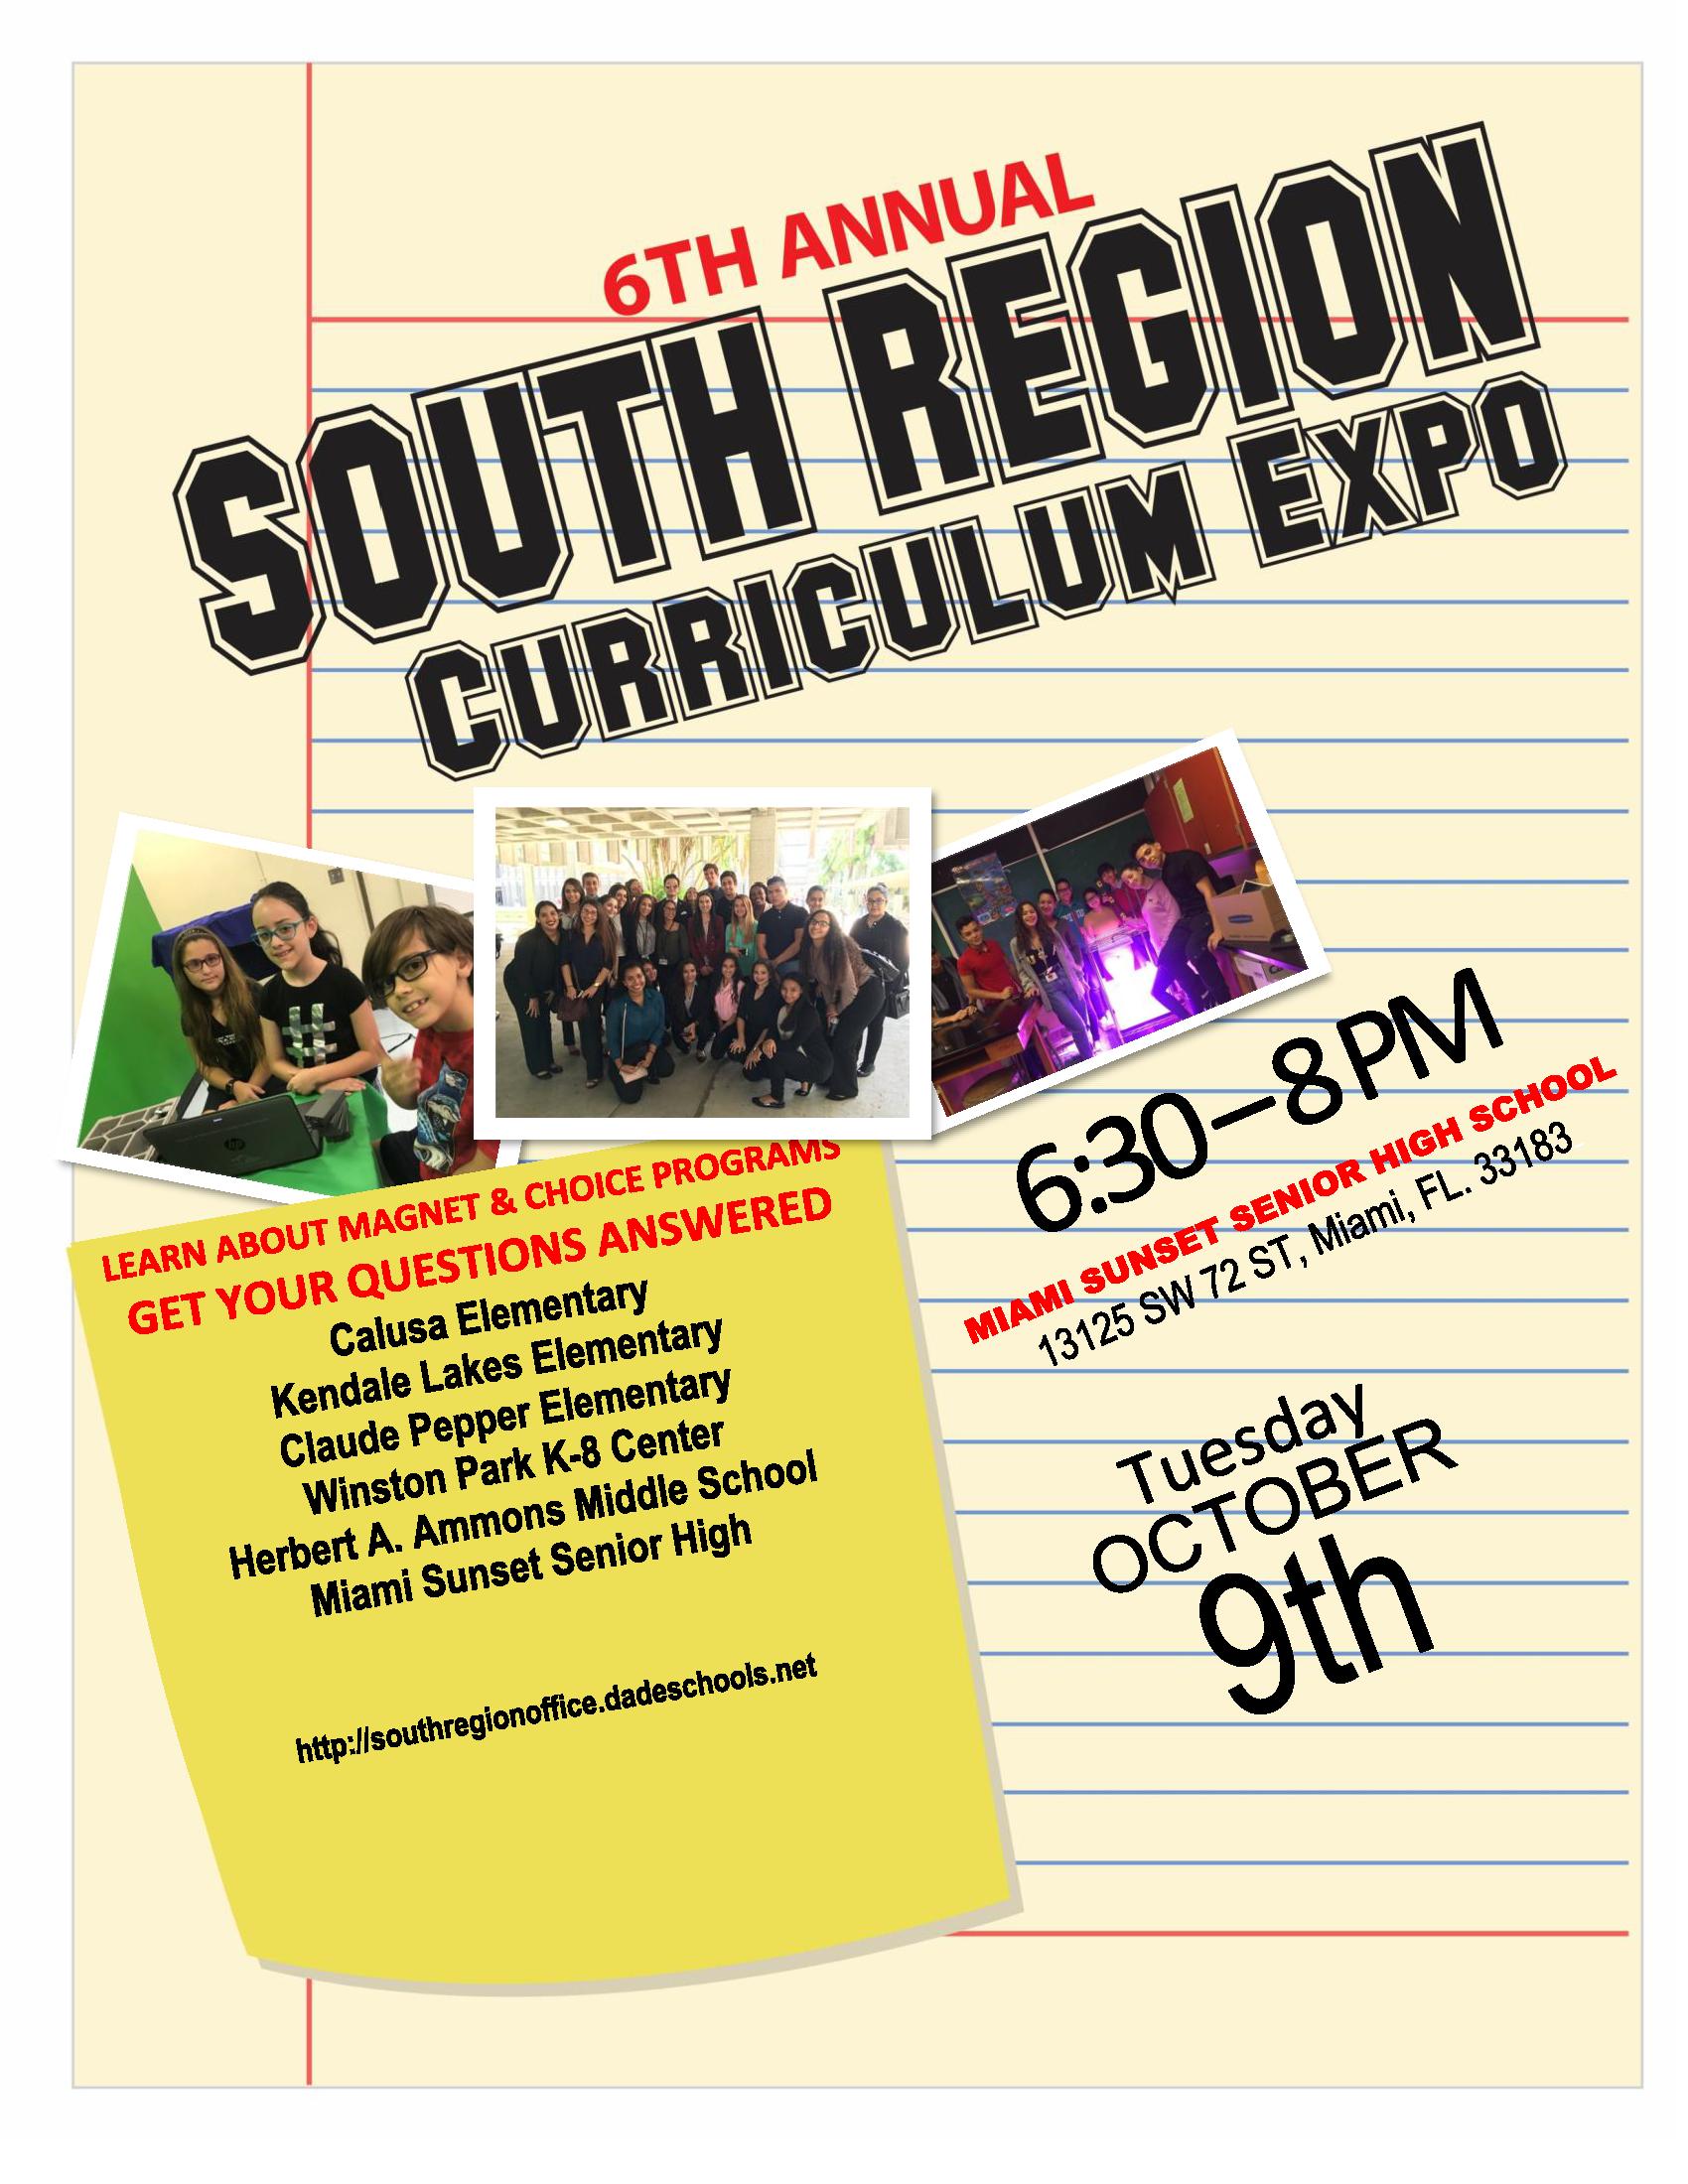 Curriculum Expo at Sunset Senior